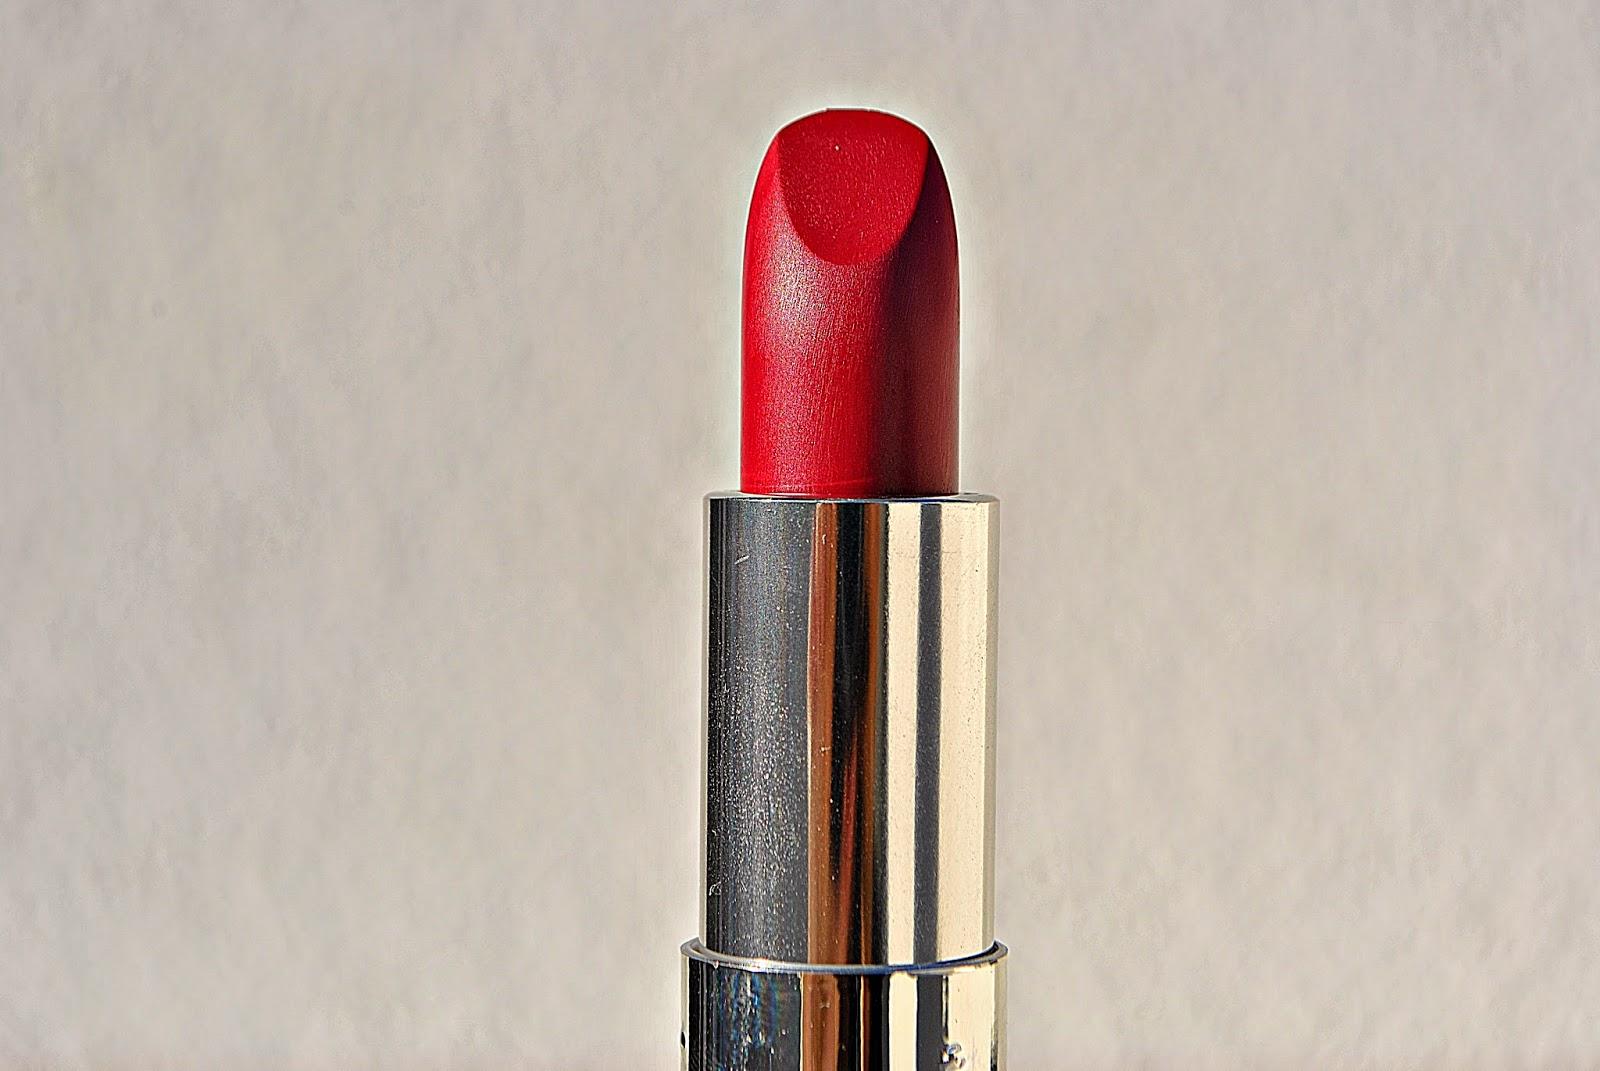 Dior Addict Lipstick 260 Rose Deshabille | MIT Hillel